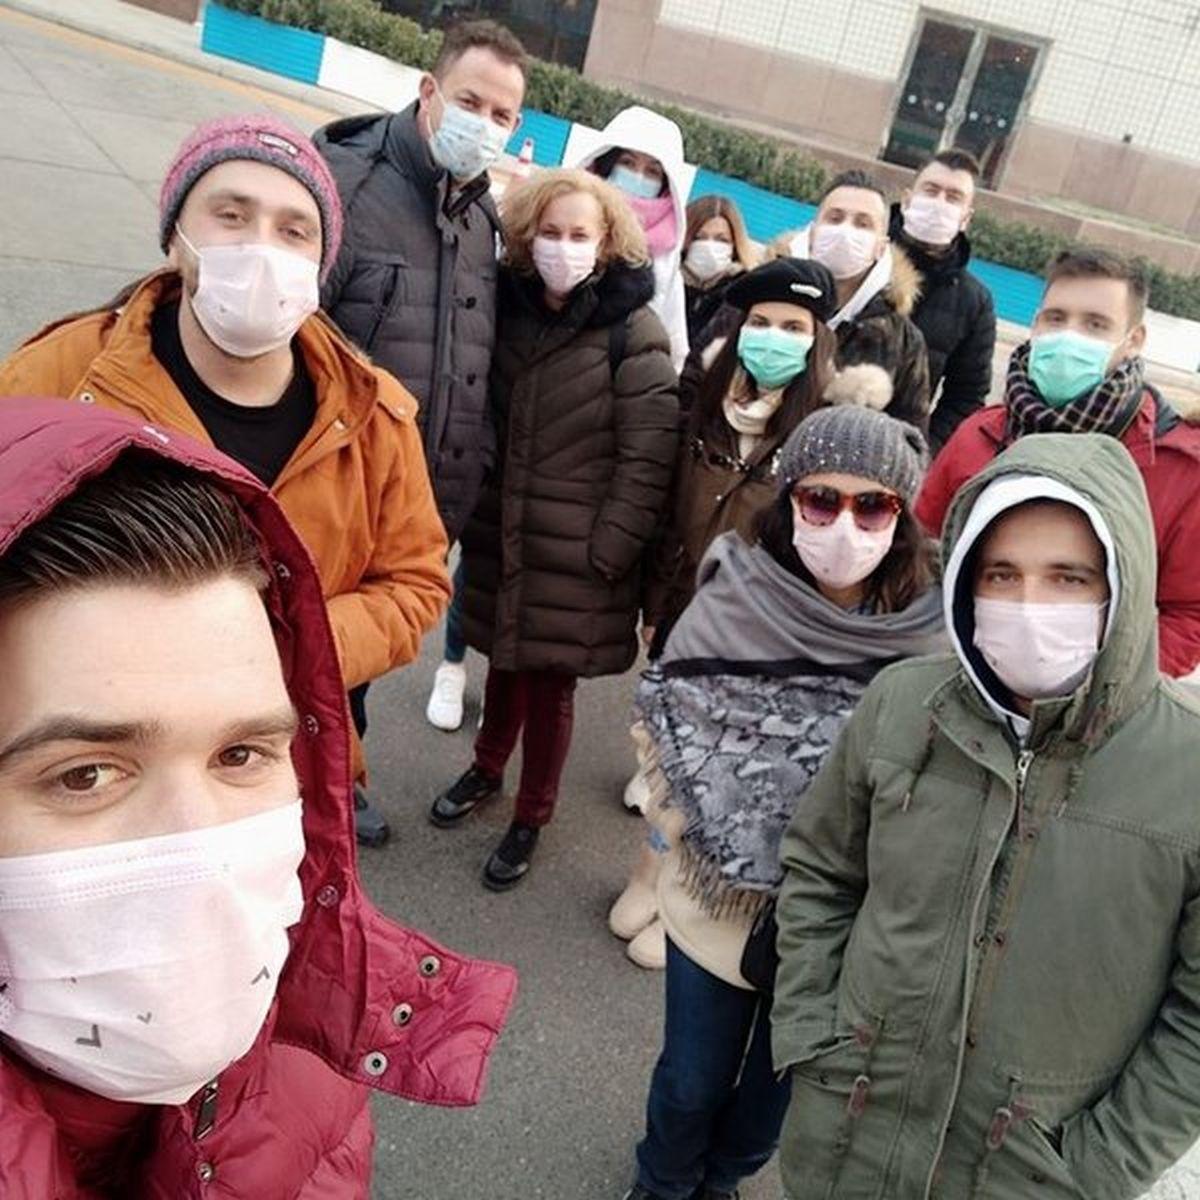 Σύλλογος από την Ημαθία επιστρέφει εκτάκτως από το Πεκίνο